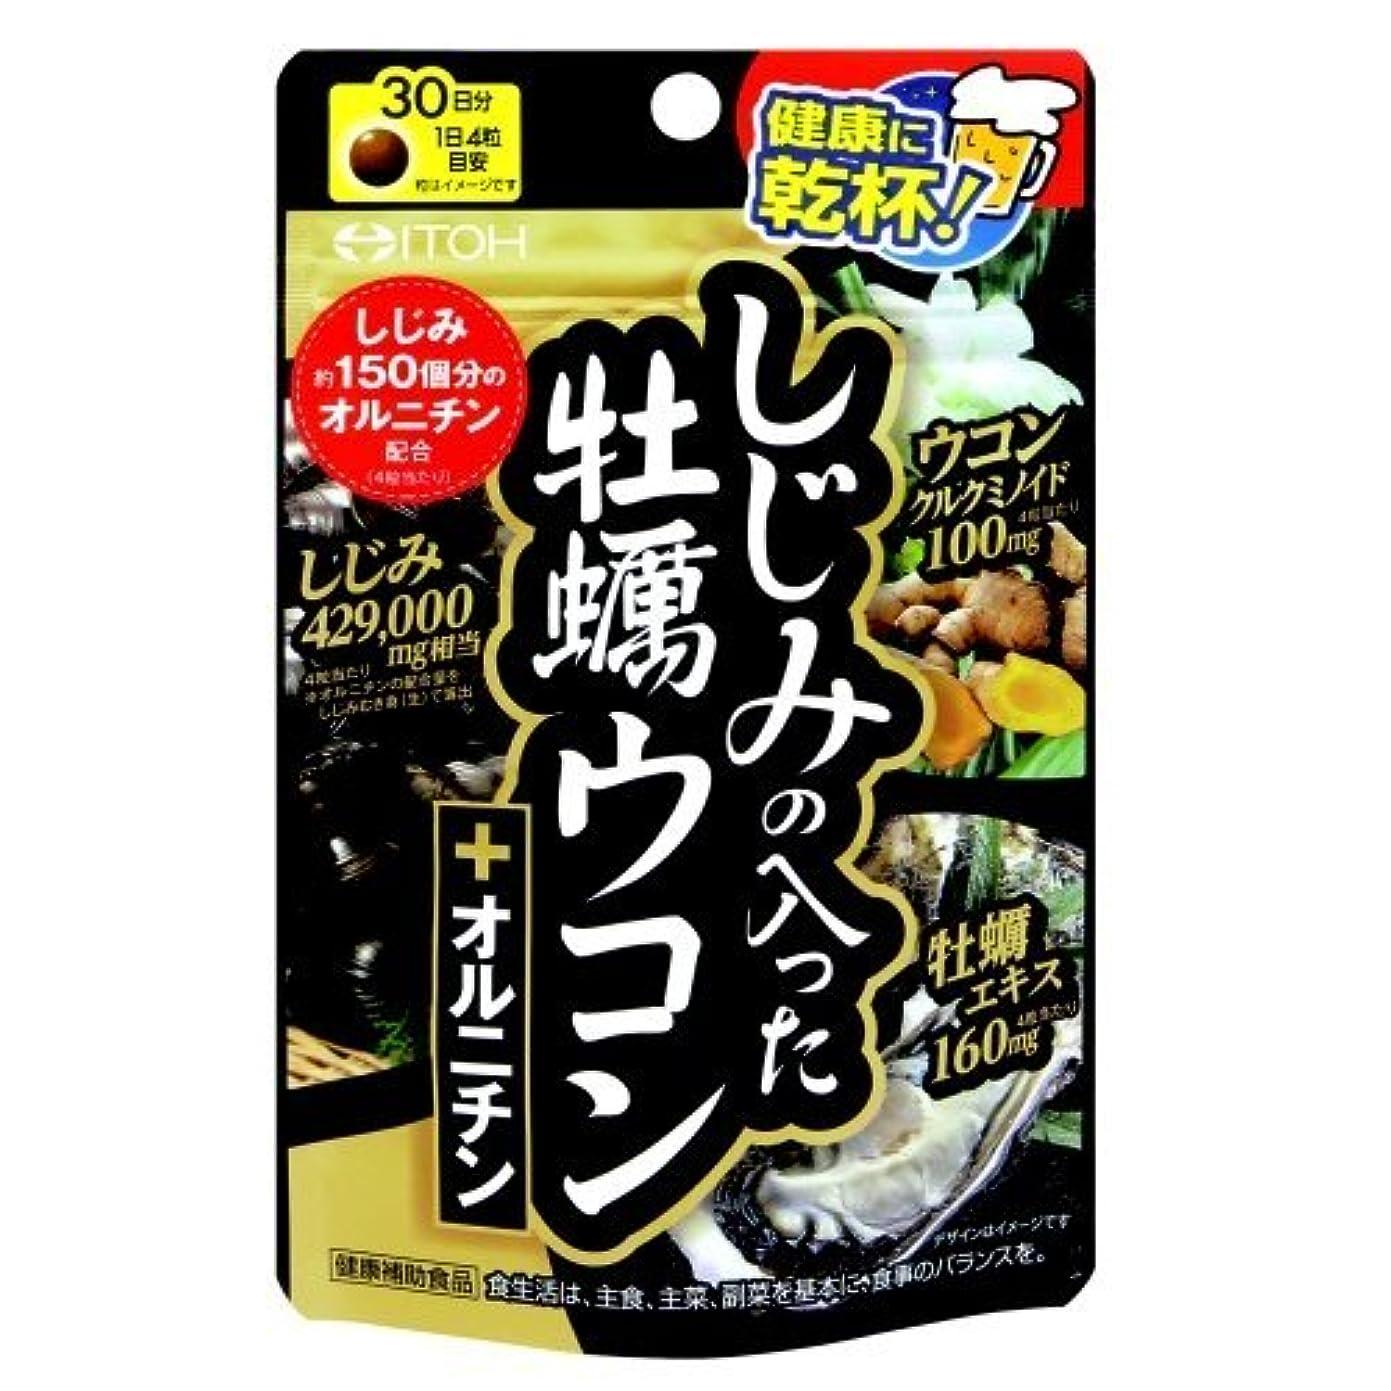 空中送った幻滅井藤漢方製薬 しじみの入った牡蠣ウコン+オルニチン 120粒 Japan